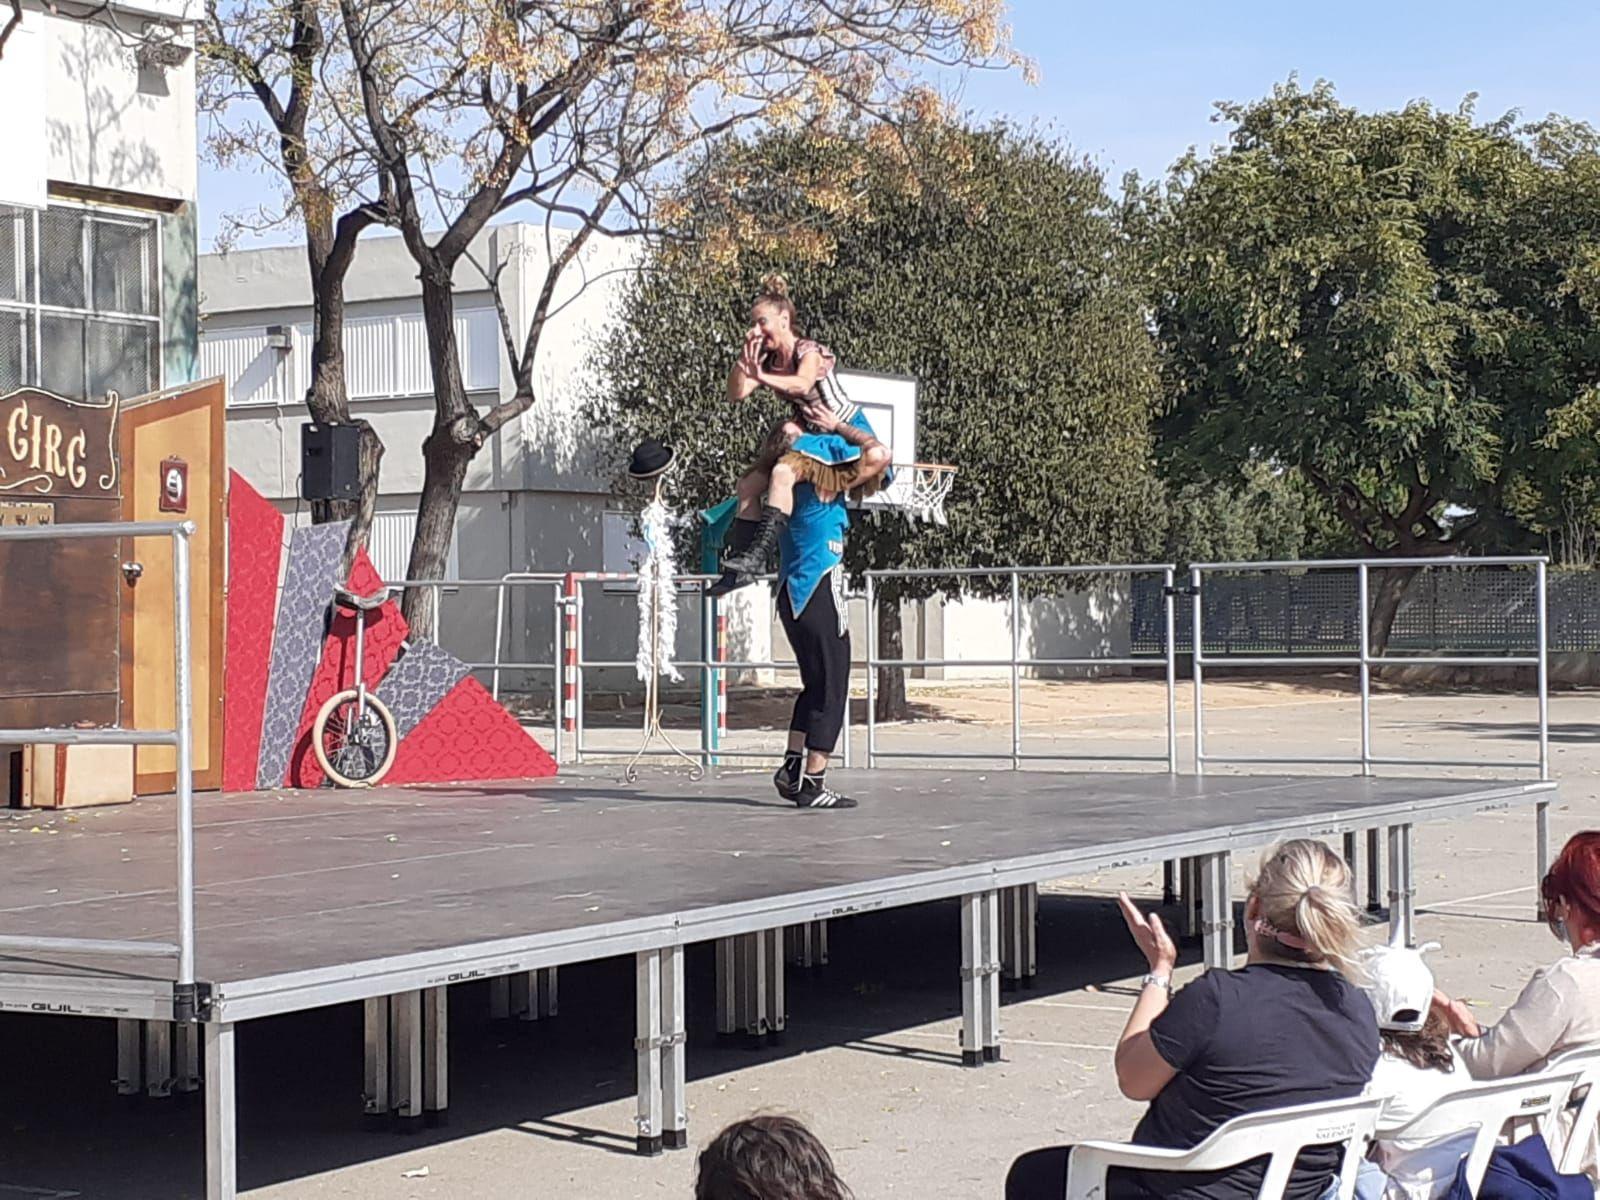 Actuación de circo.